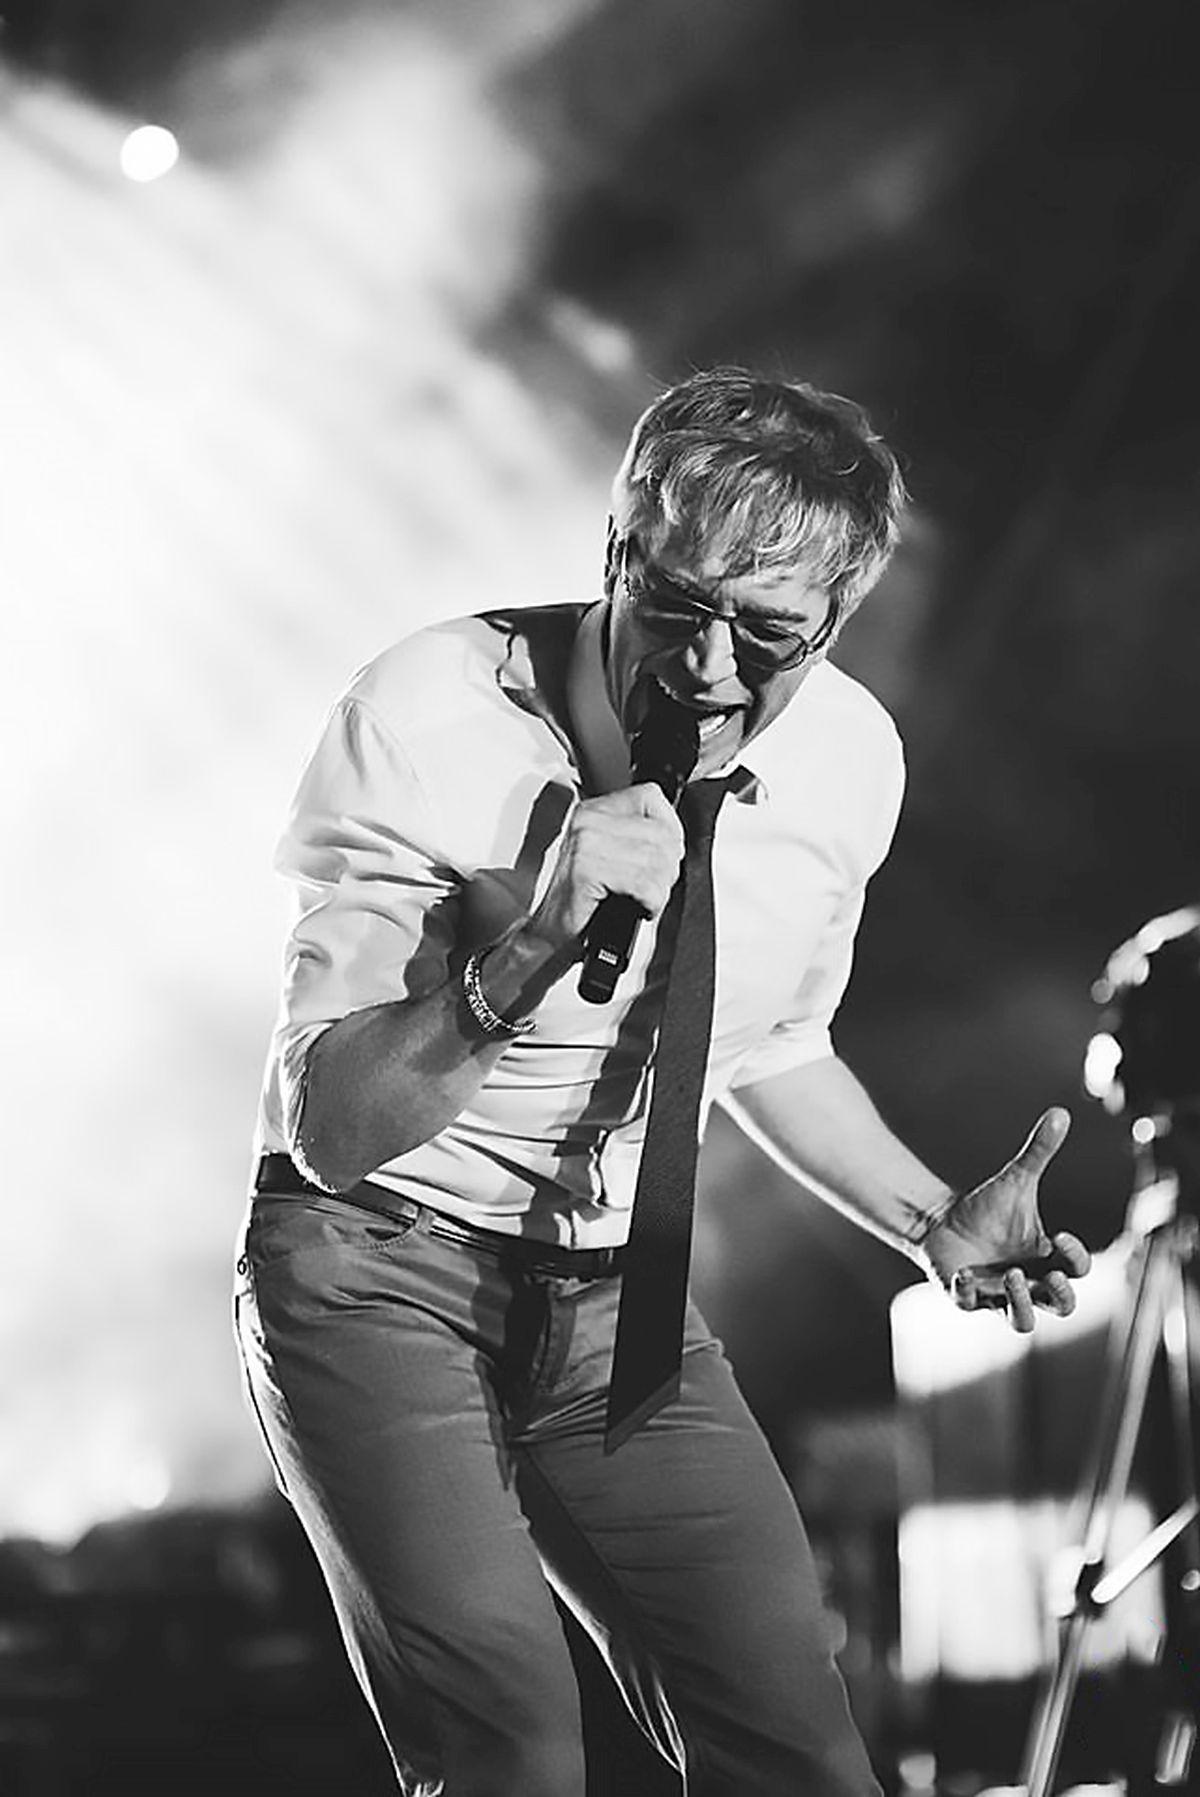 Vlado Janevski predstavio pjesmu Čas te volim, čas te mrzim s kojom će nastupiti na CMC festivalu